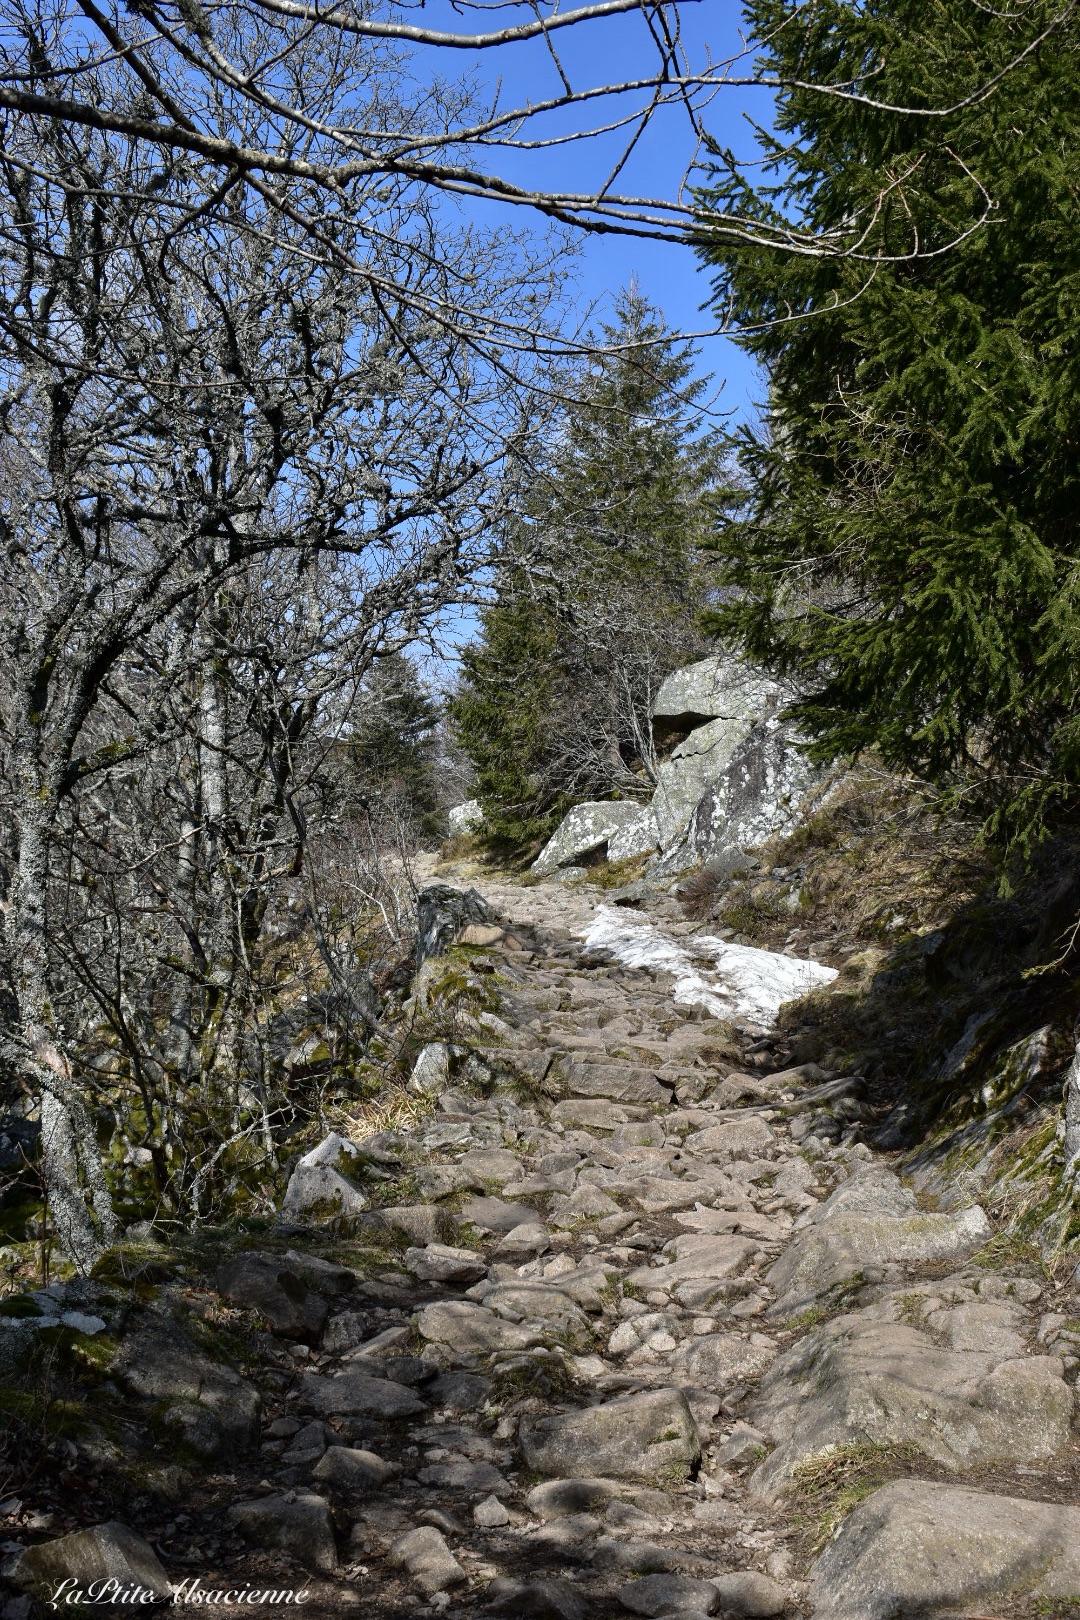 sentier direction Le Petit Hohneck, le Hohneck et le col du Schaefertal - Photo by Cendrine Miesch dite LaPtiteAlsacienne